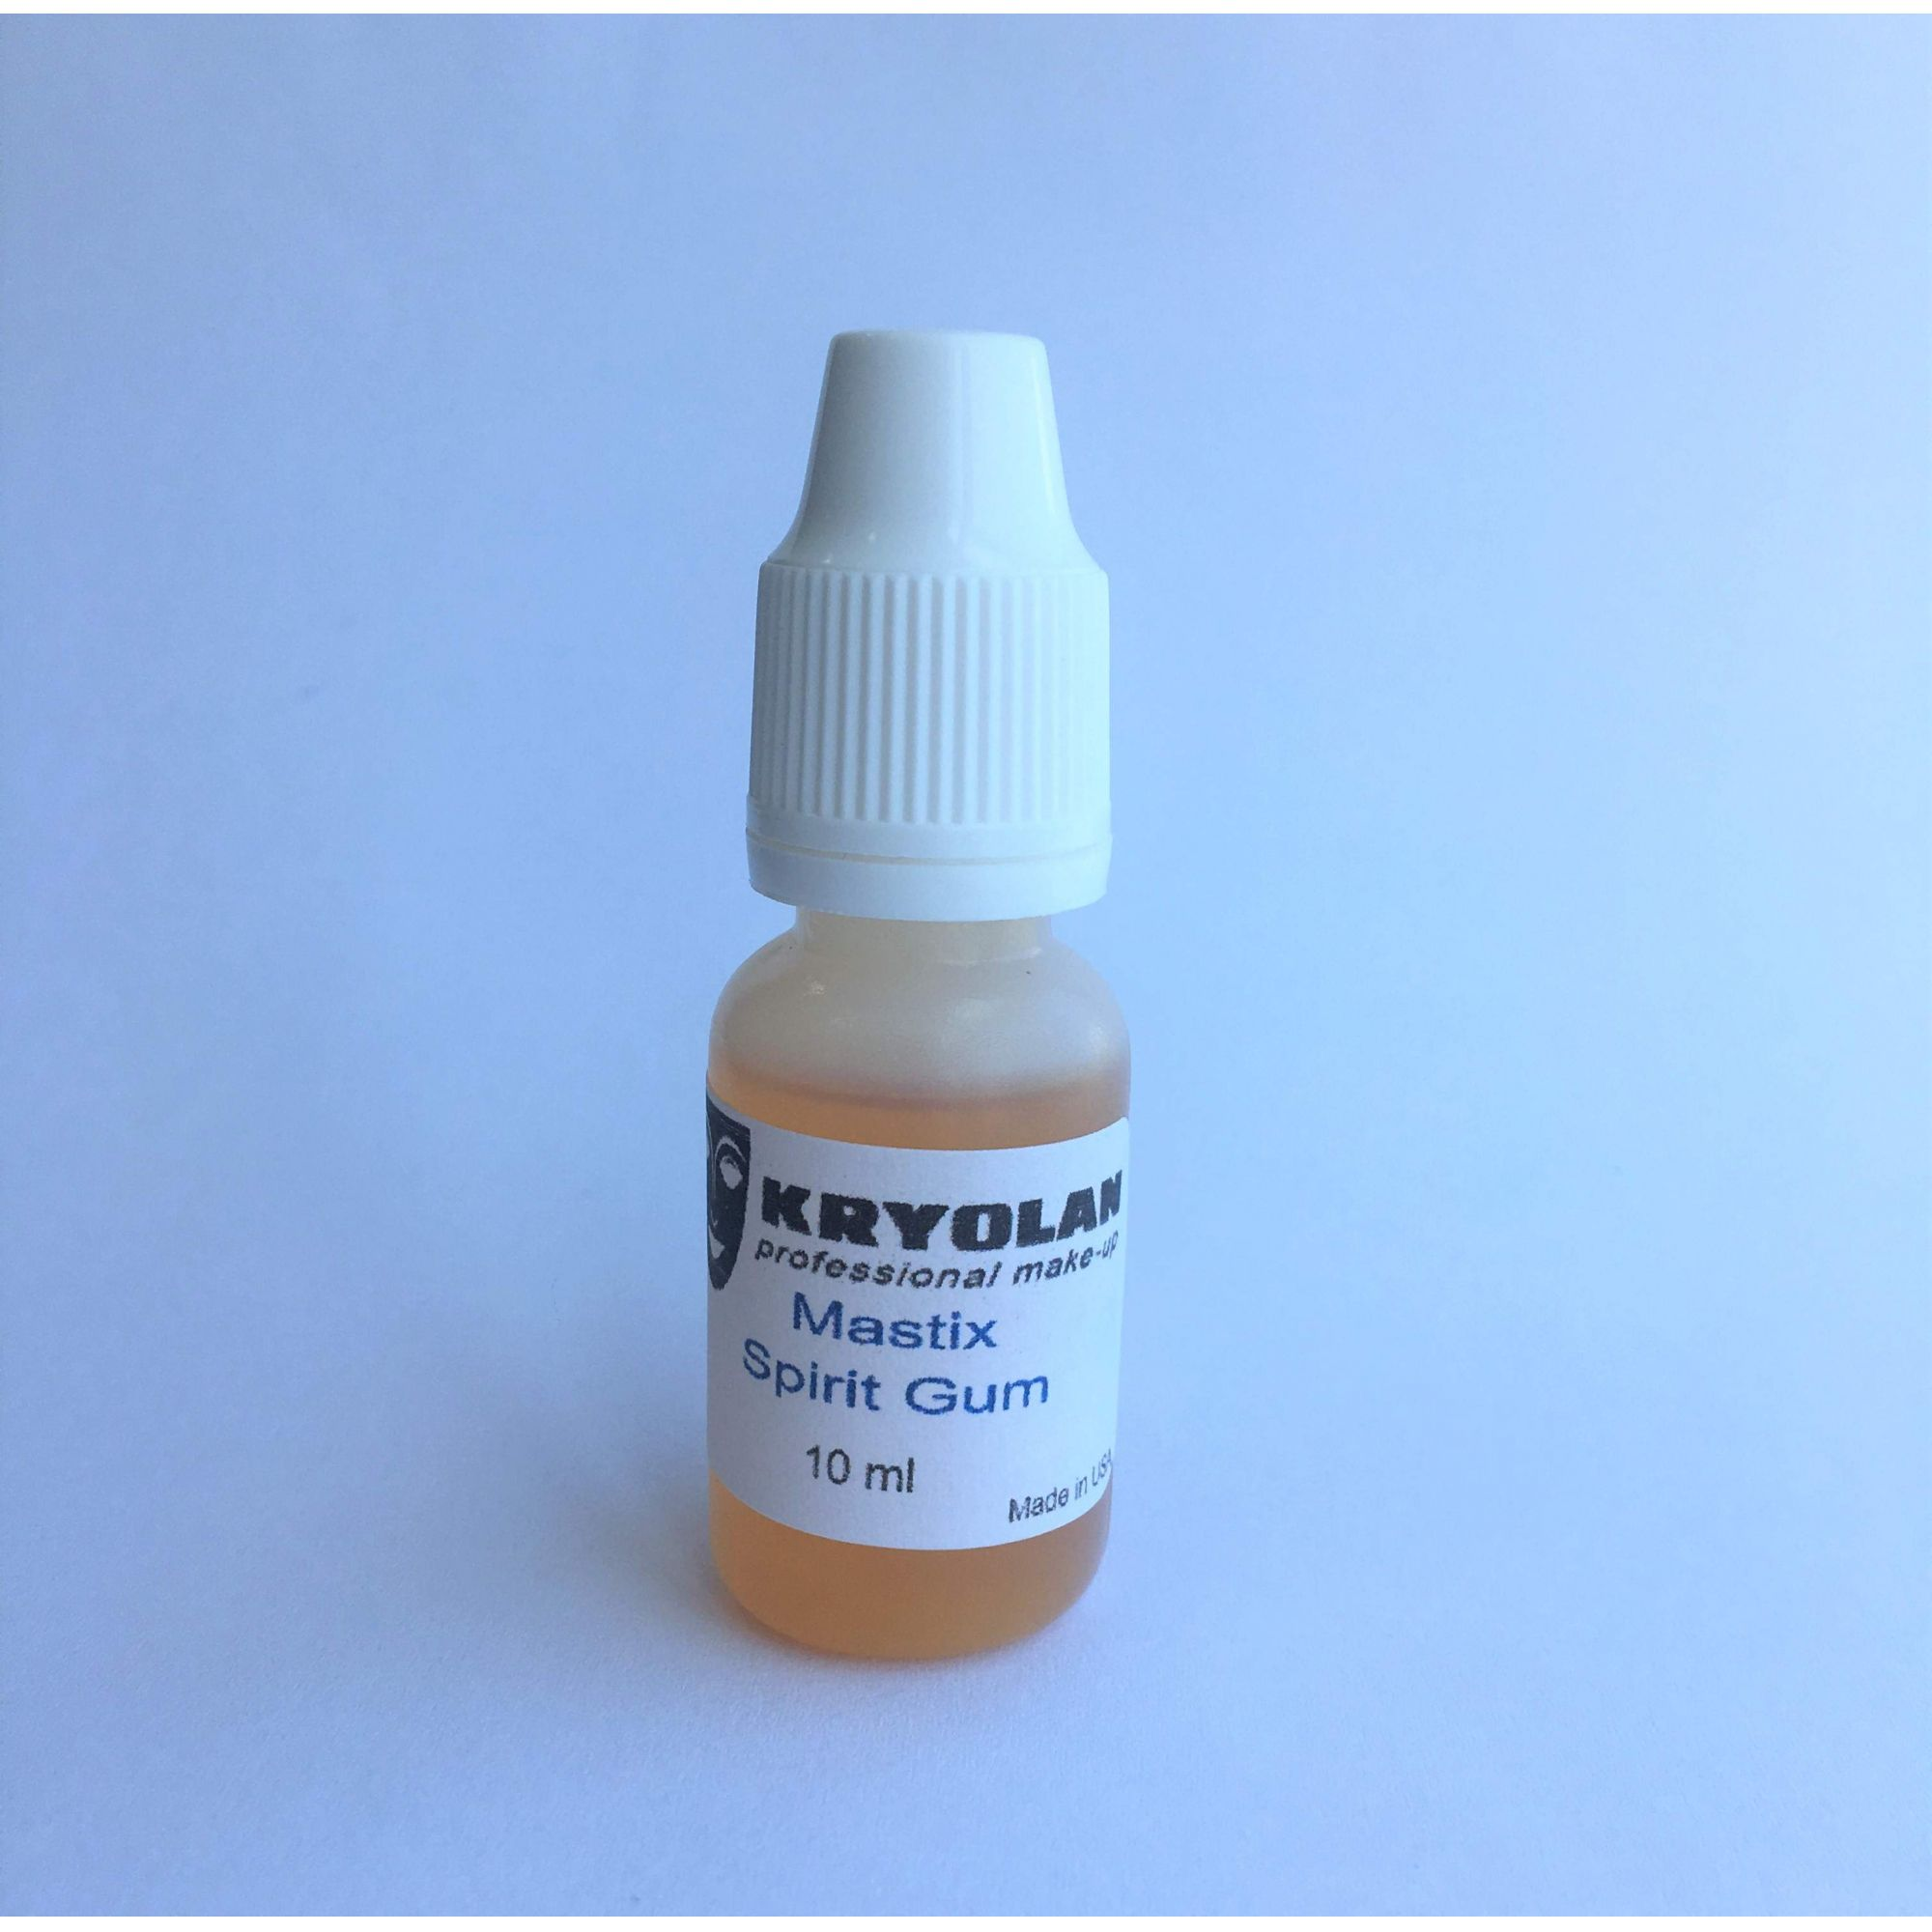 Cola Spirit Gum (verniz) Kryolan 10ml p/ postiços e lances